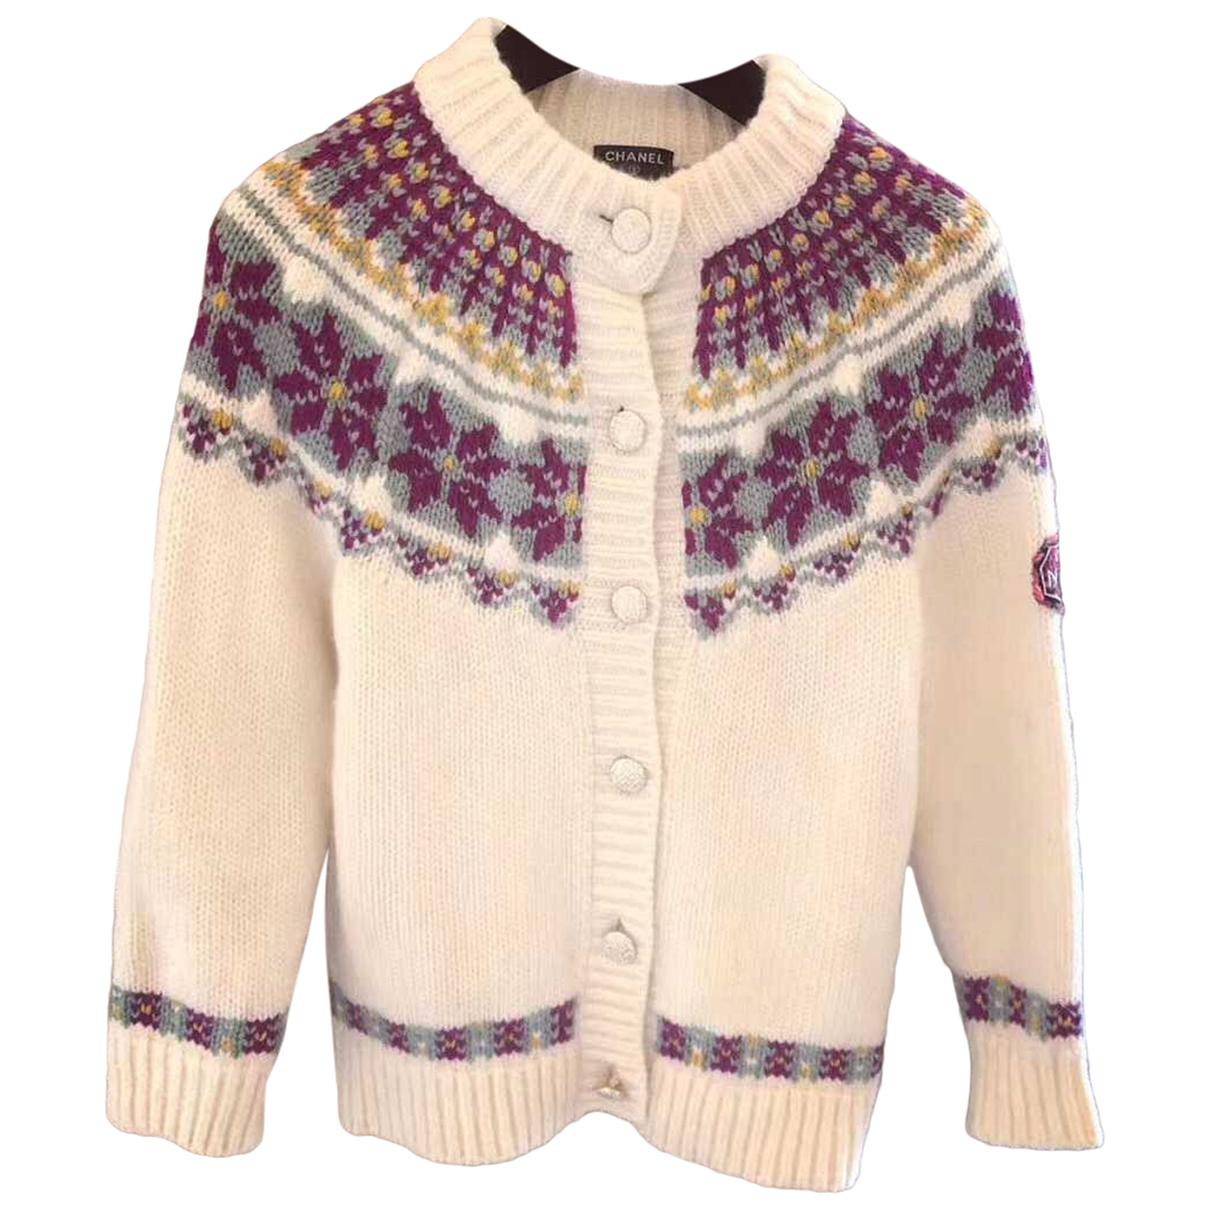 Chanel - Pull   pour femme en laine - blanc